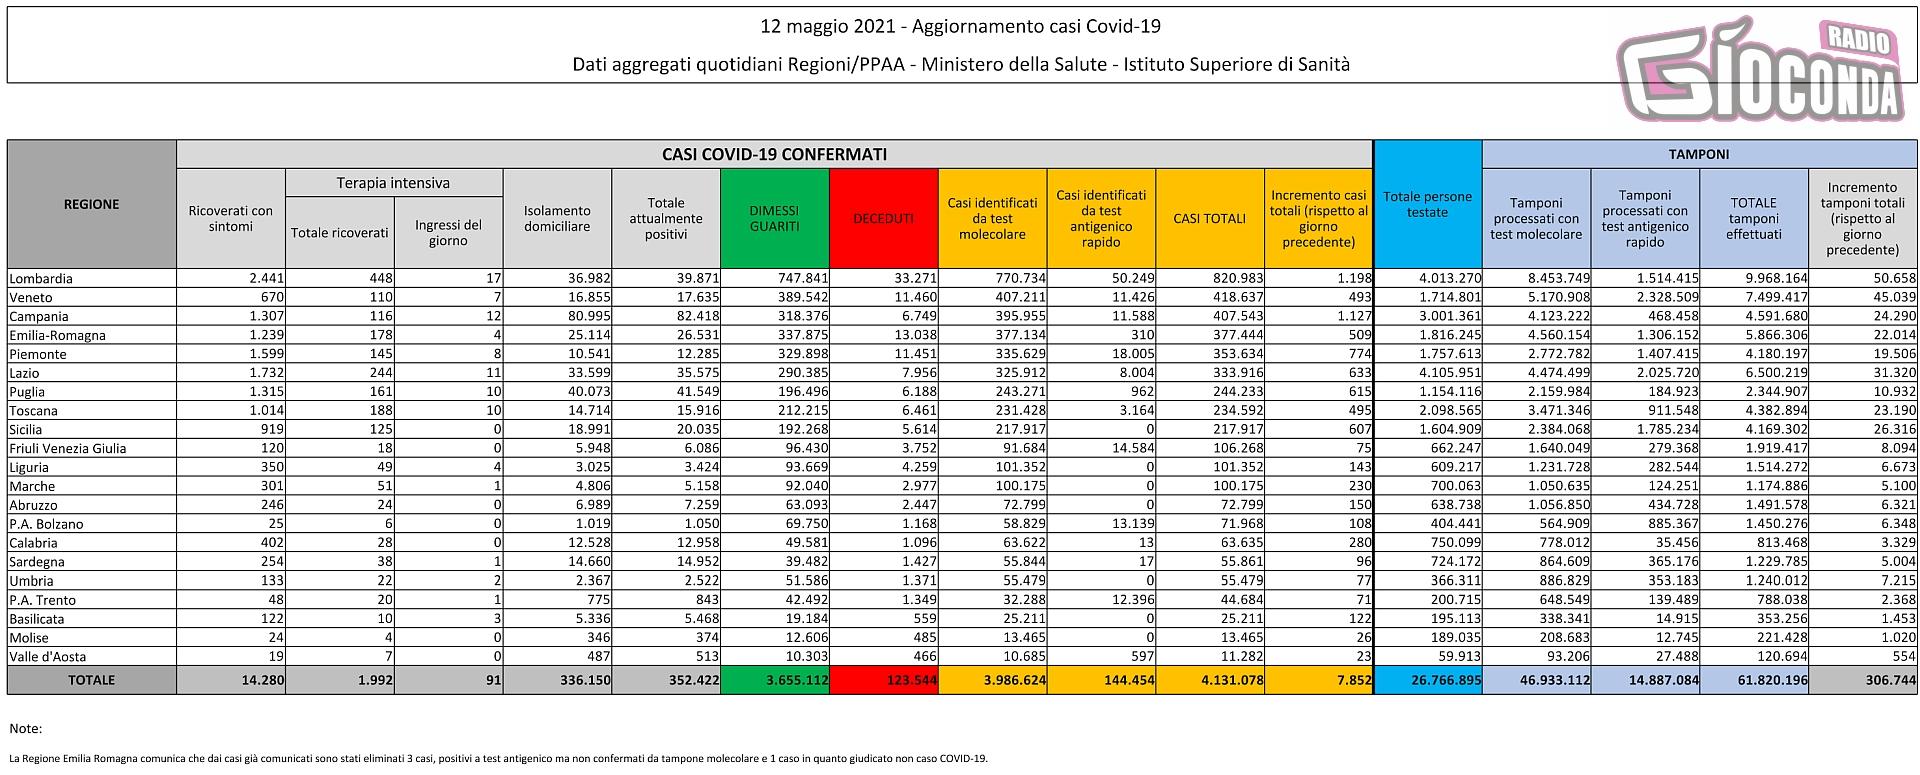 12 maggio 2021 - Aggiornamento casi Covid-19 Dati aggregati quotidiani Regioni/PPAA - Ministero della Salute - Istituto Superiore di Sanità